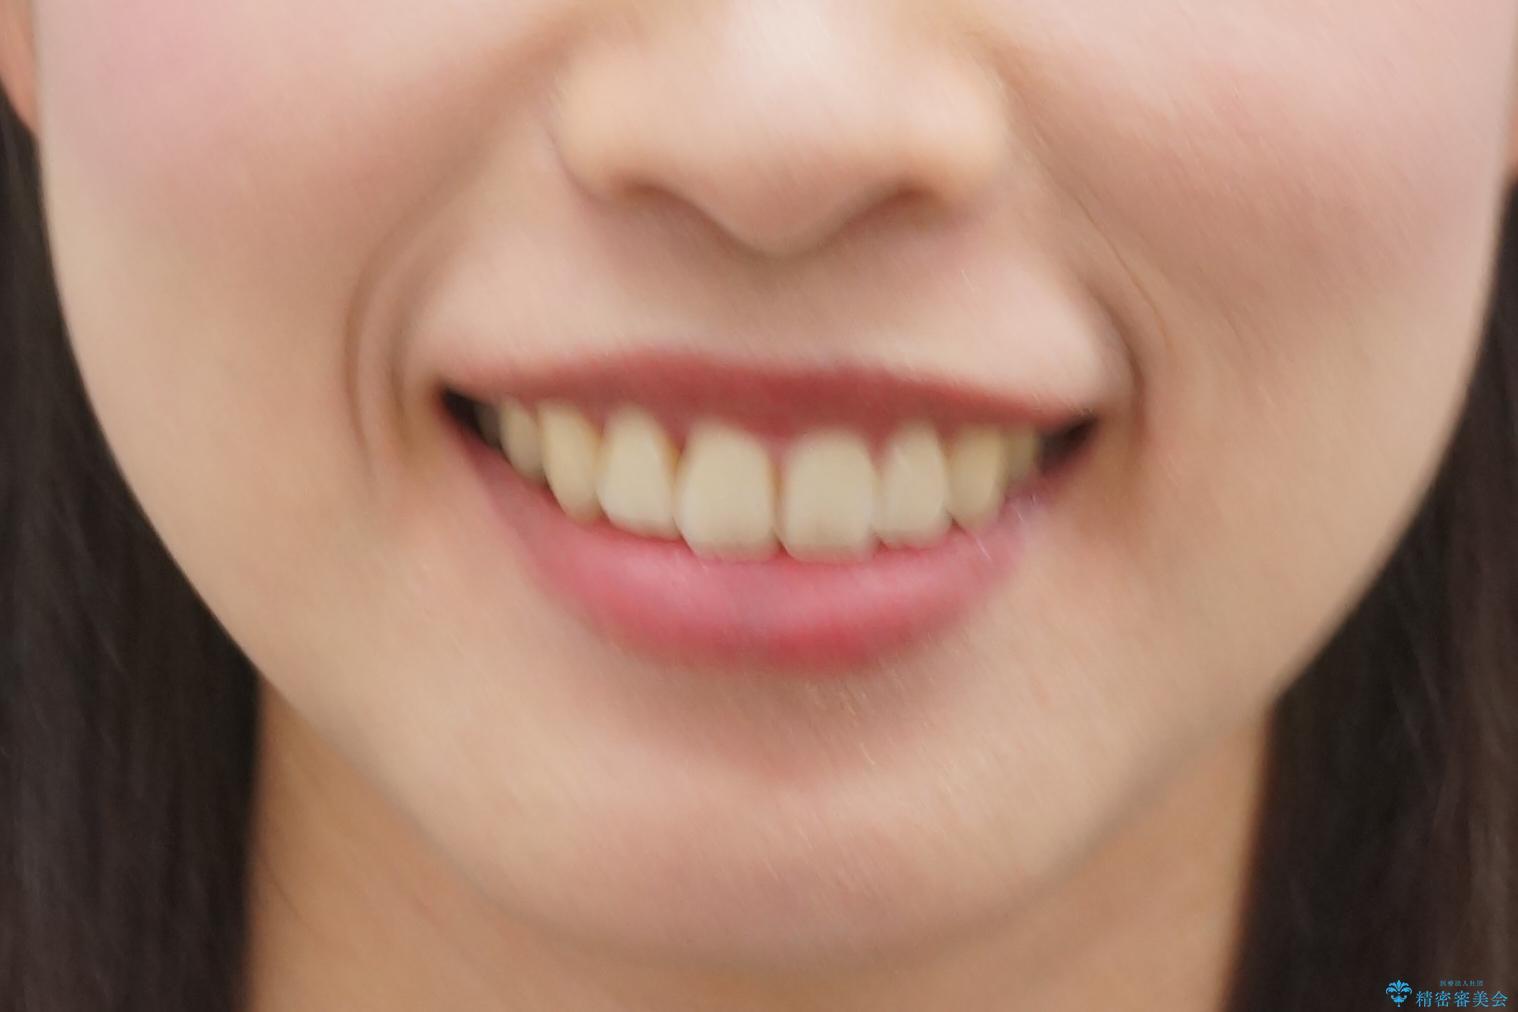 前歯のねじれ マウスピース矯正での治療後(顔貌)